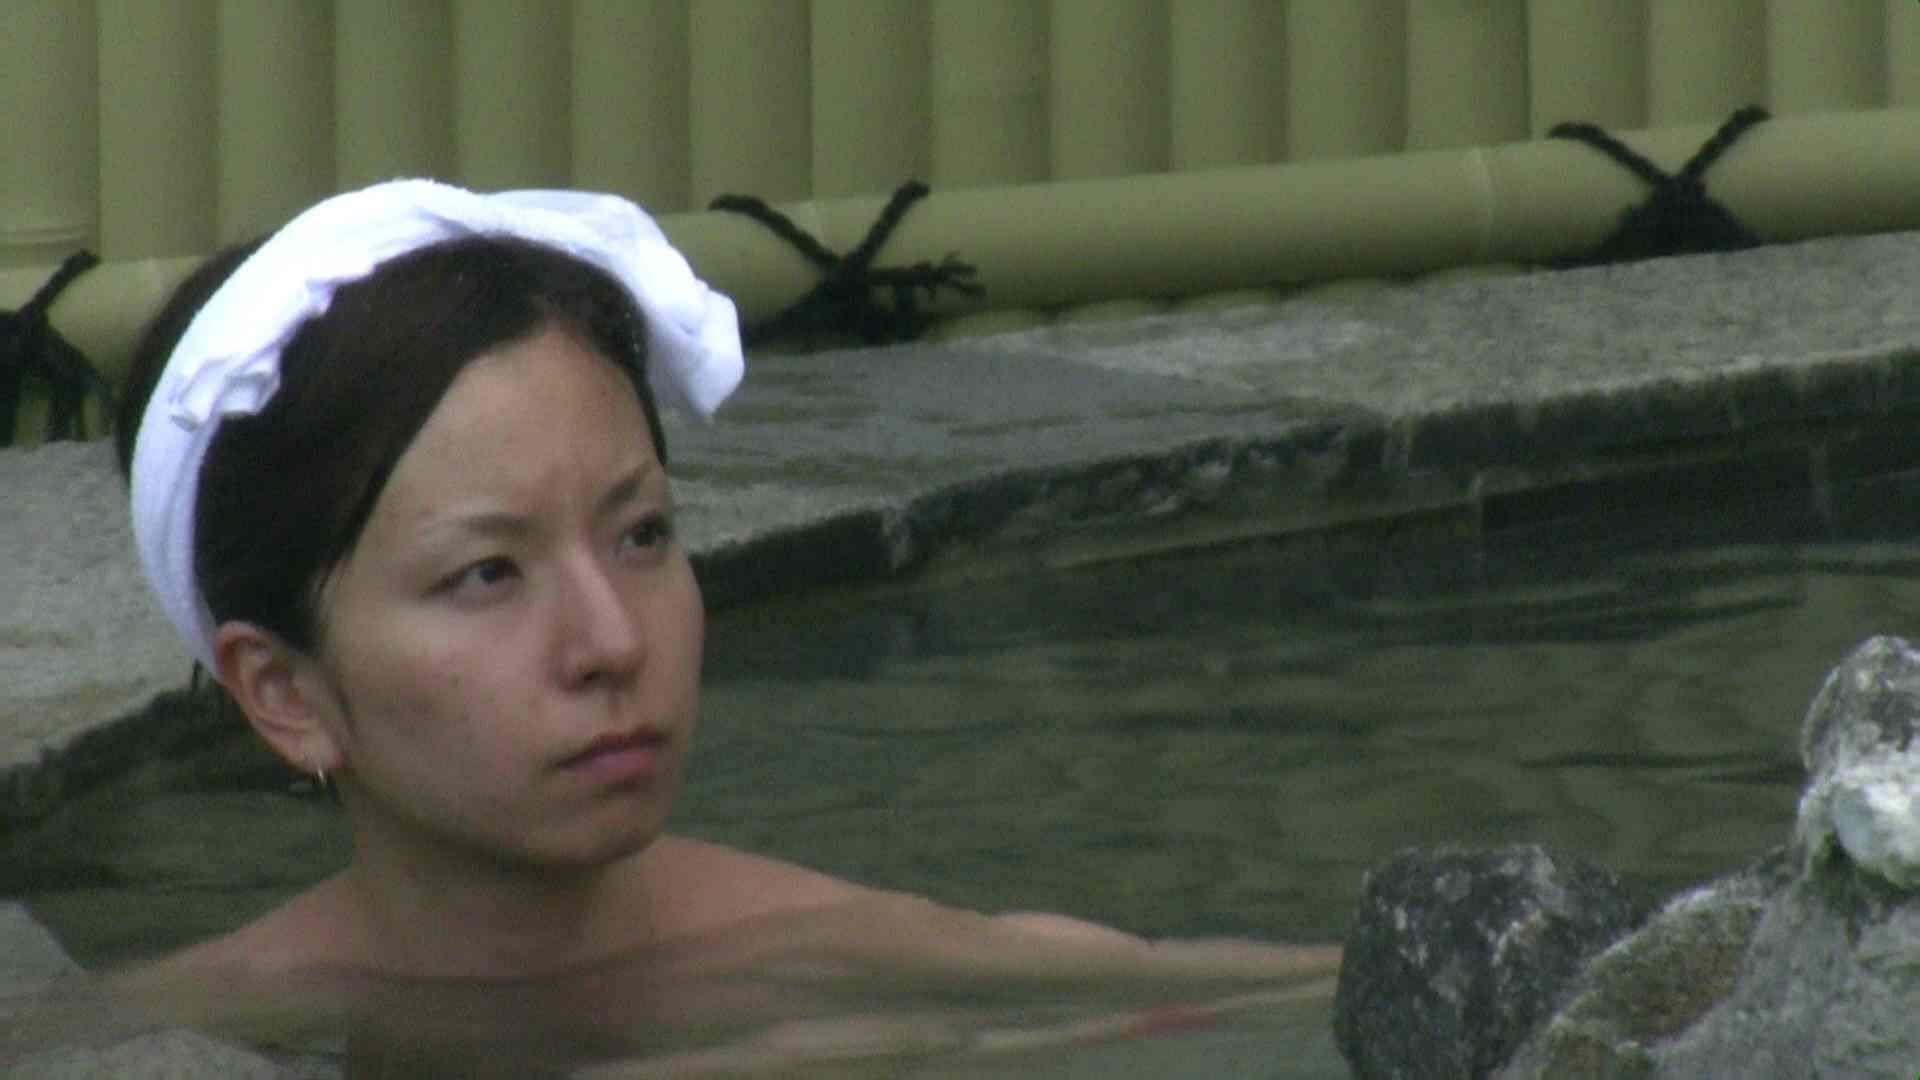 Aquaな露天風呂Vol.39【VIP】 露天 | 盗撮  111枚 55